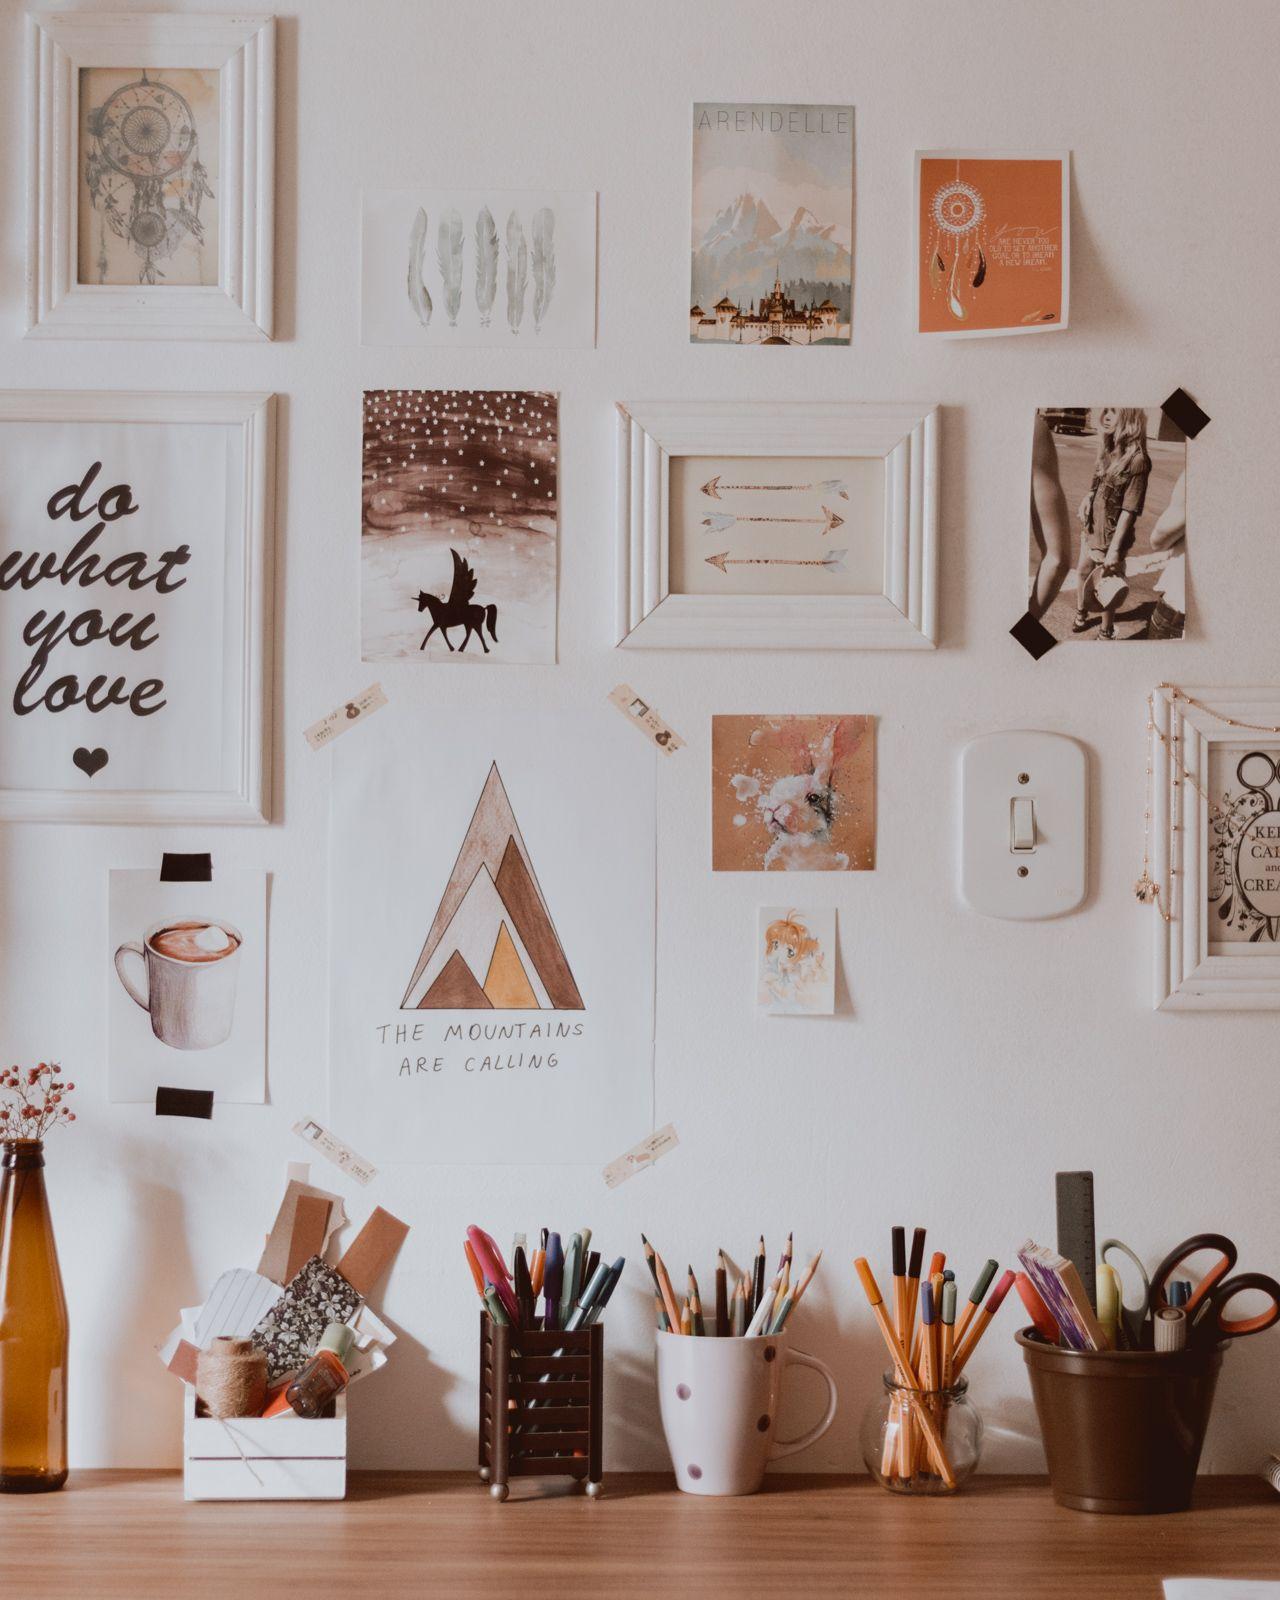 escrivaninha de madeia e parede decorada